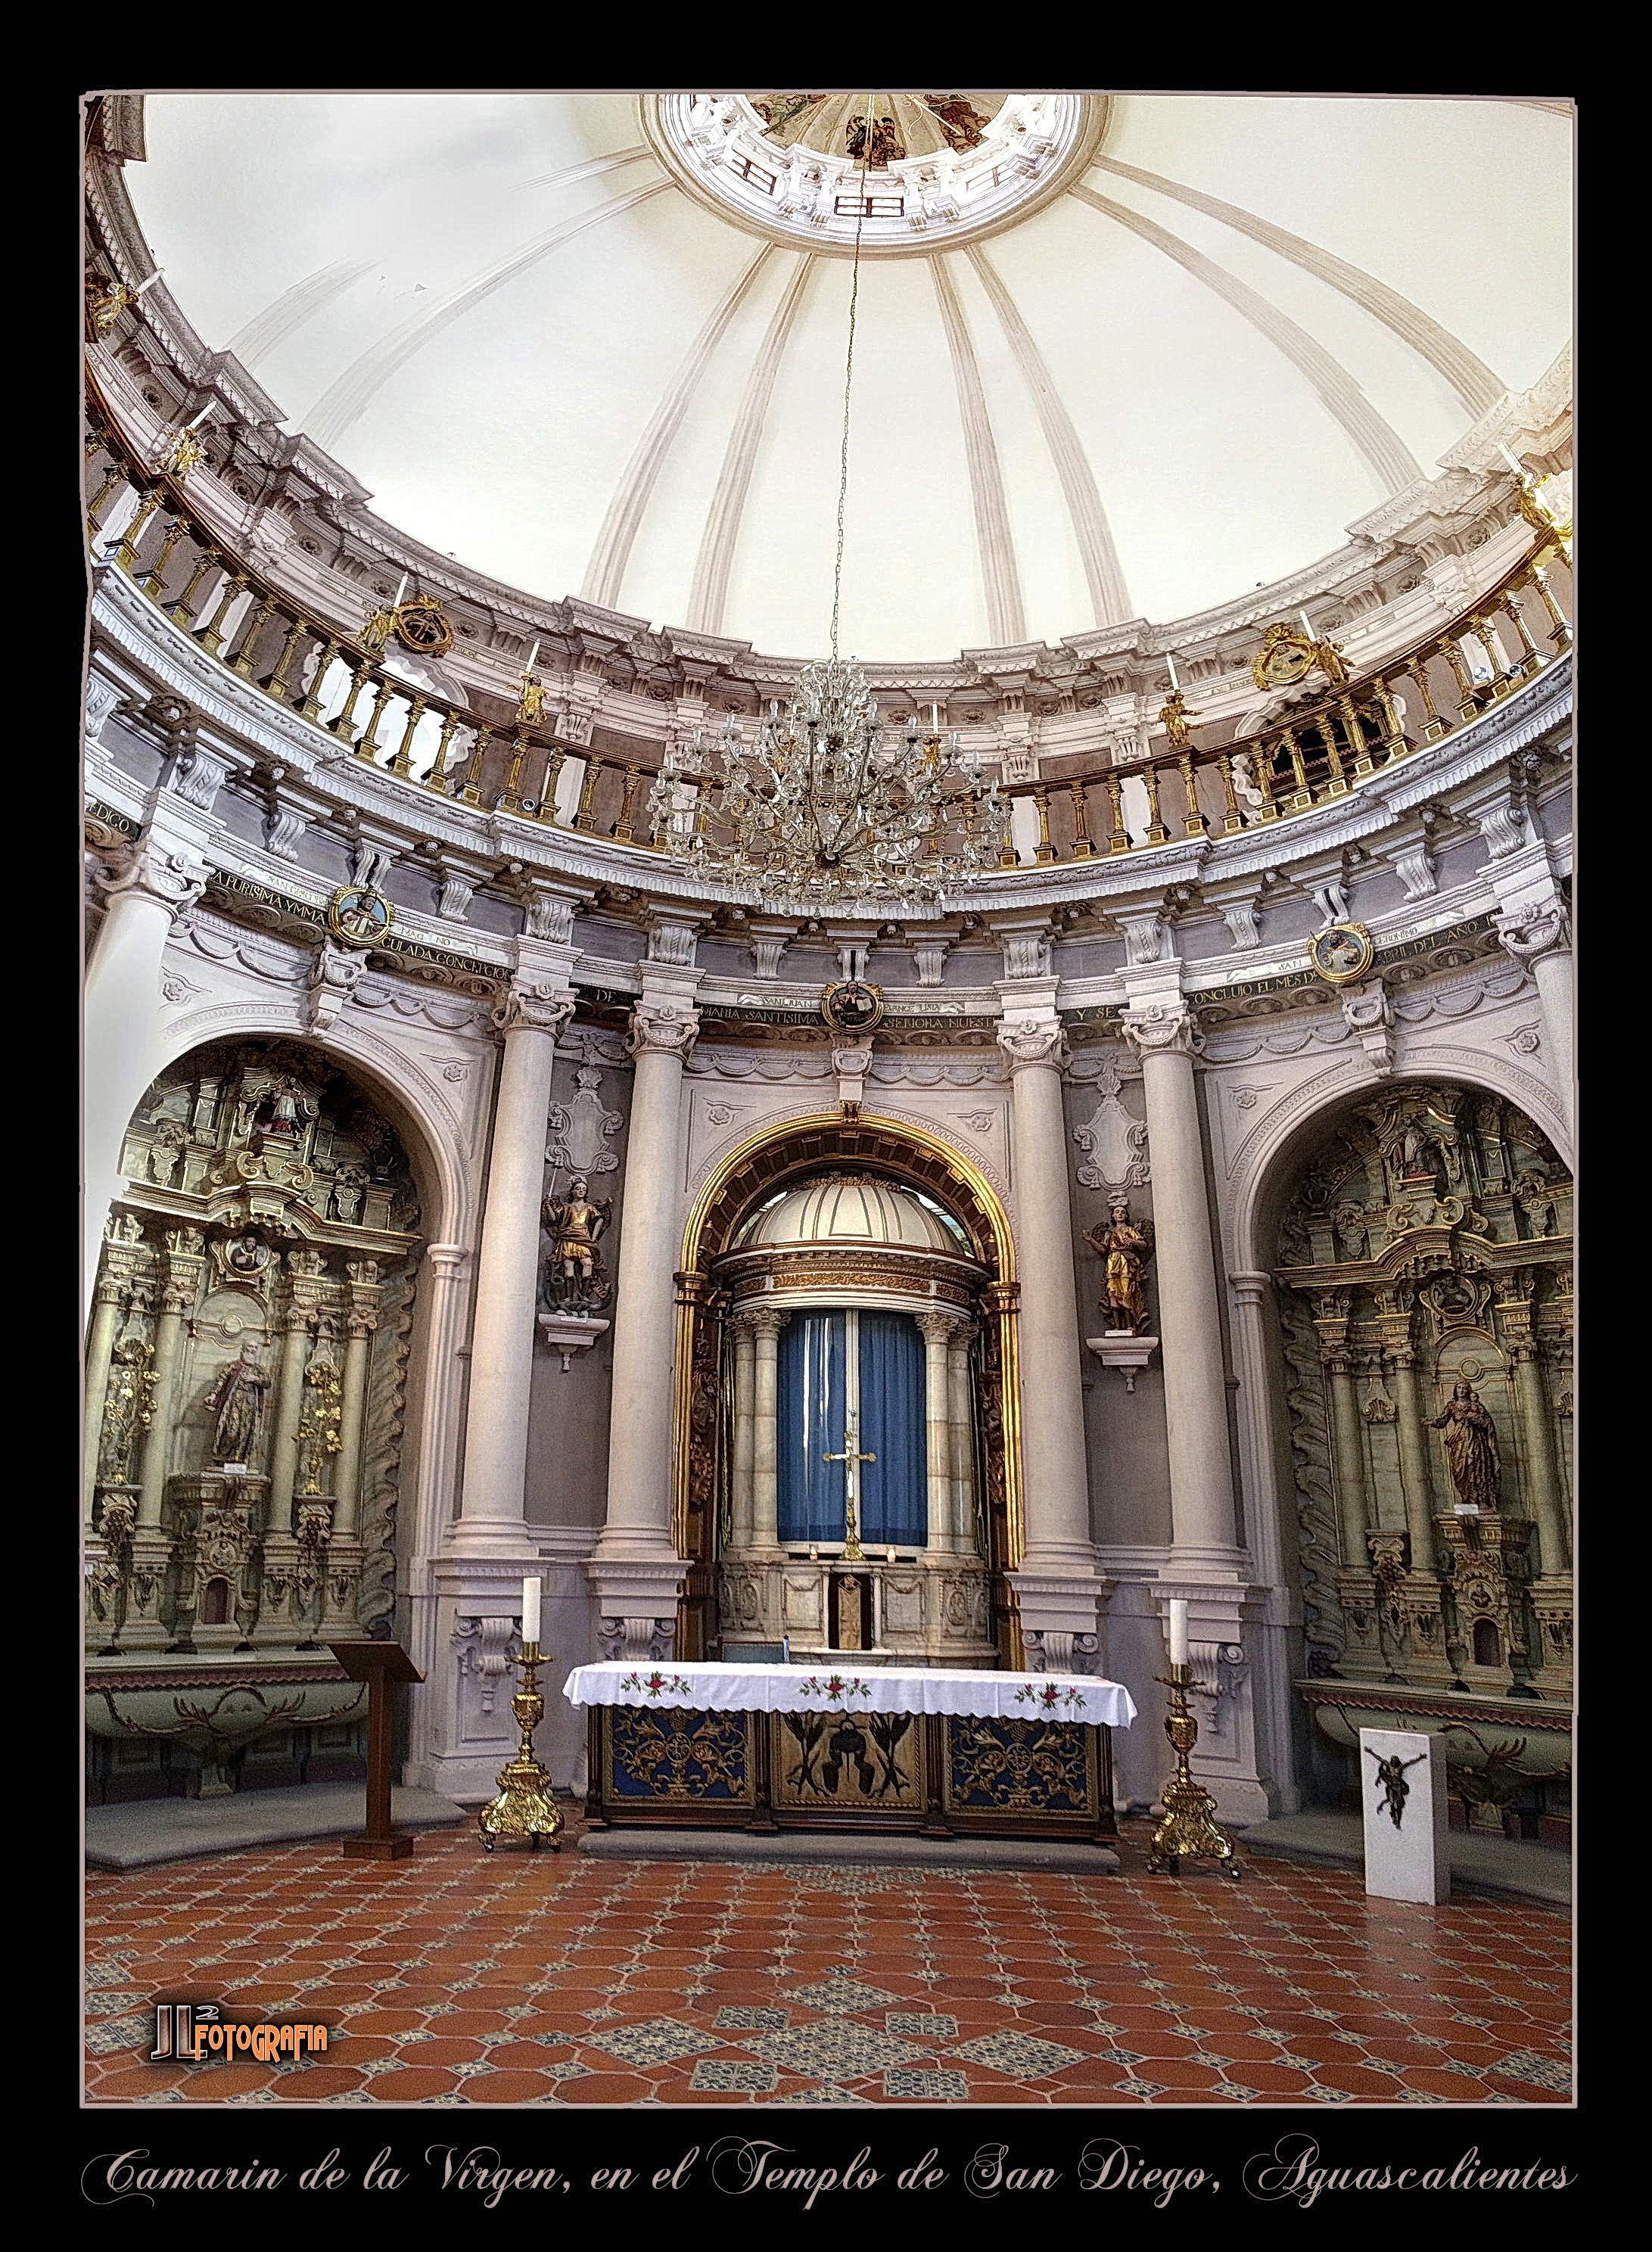 interior del camarin de de la virgen en el templo de San Diego, Aguasclaientes Ags.